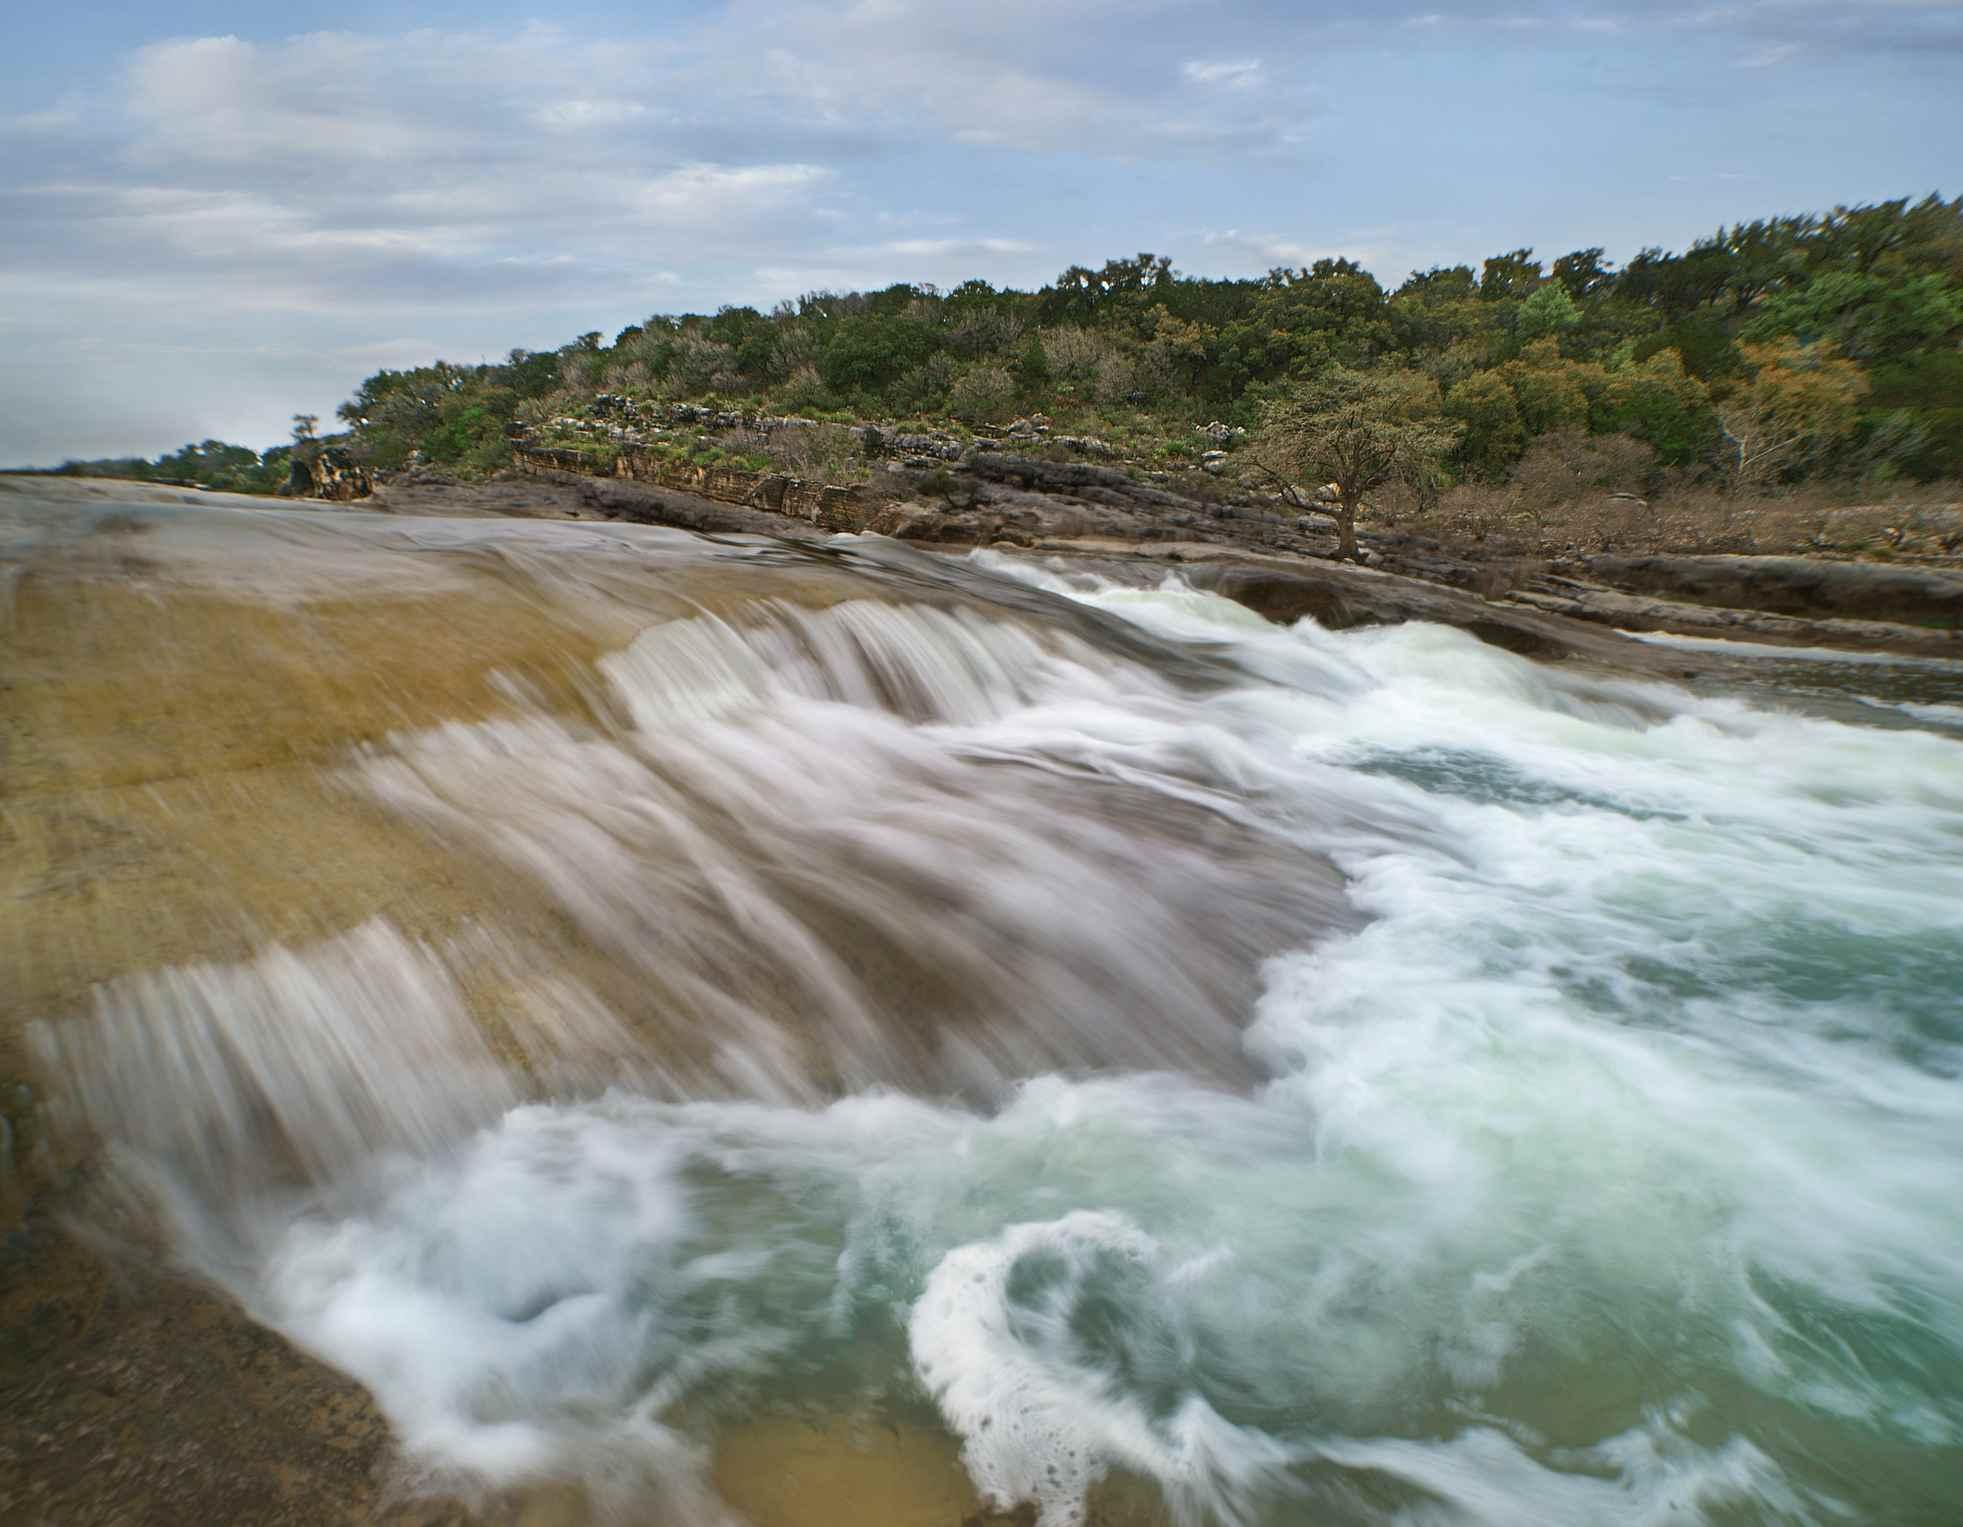 Cataratas de Pedernales, Pedernales Falls State Park, Texas, EE. UU.